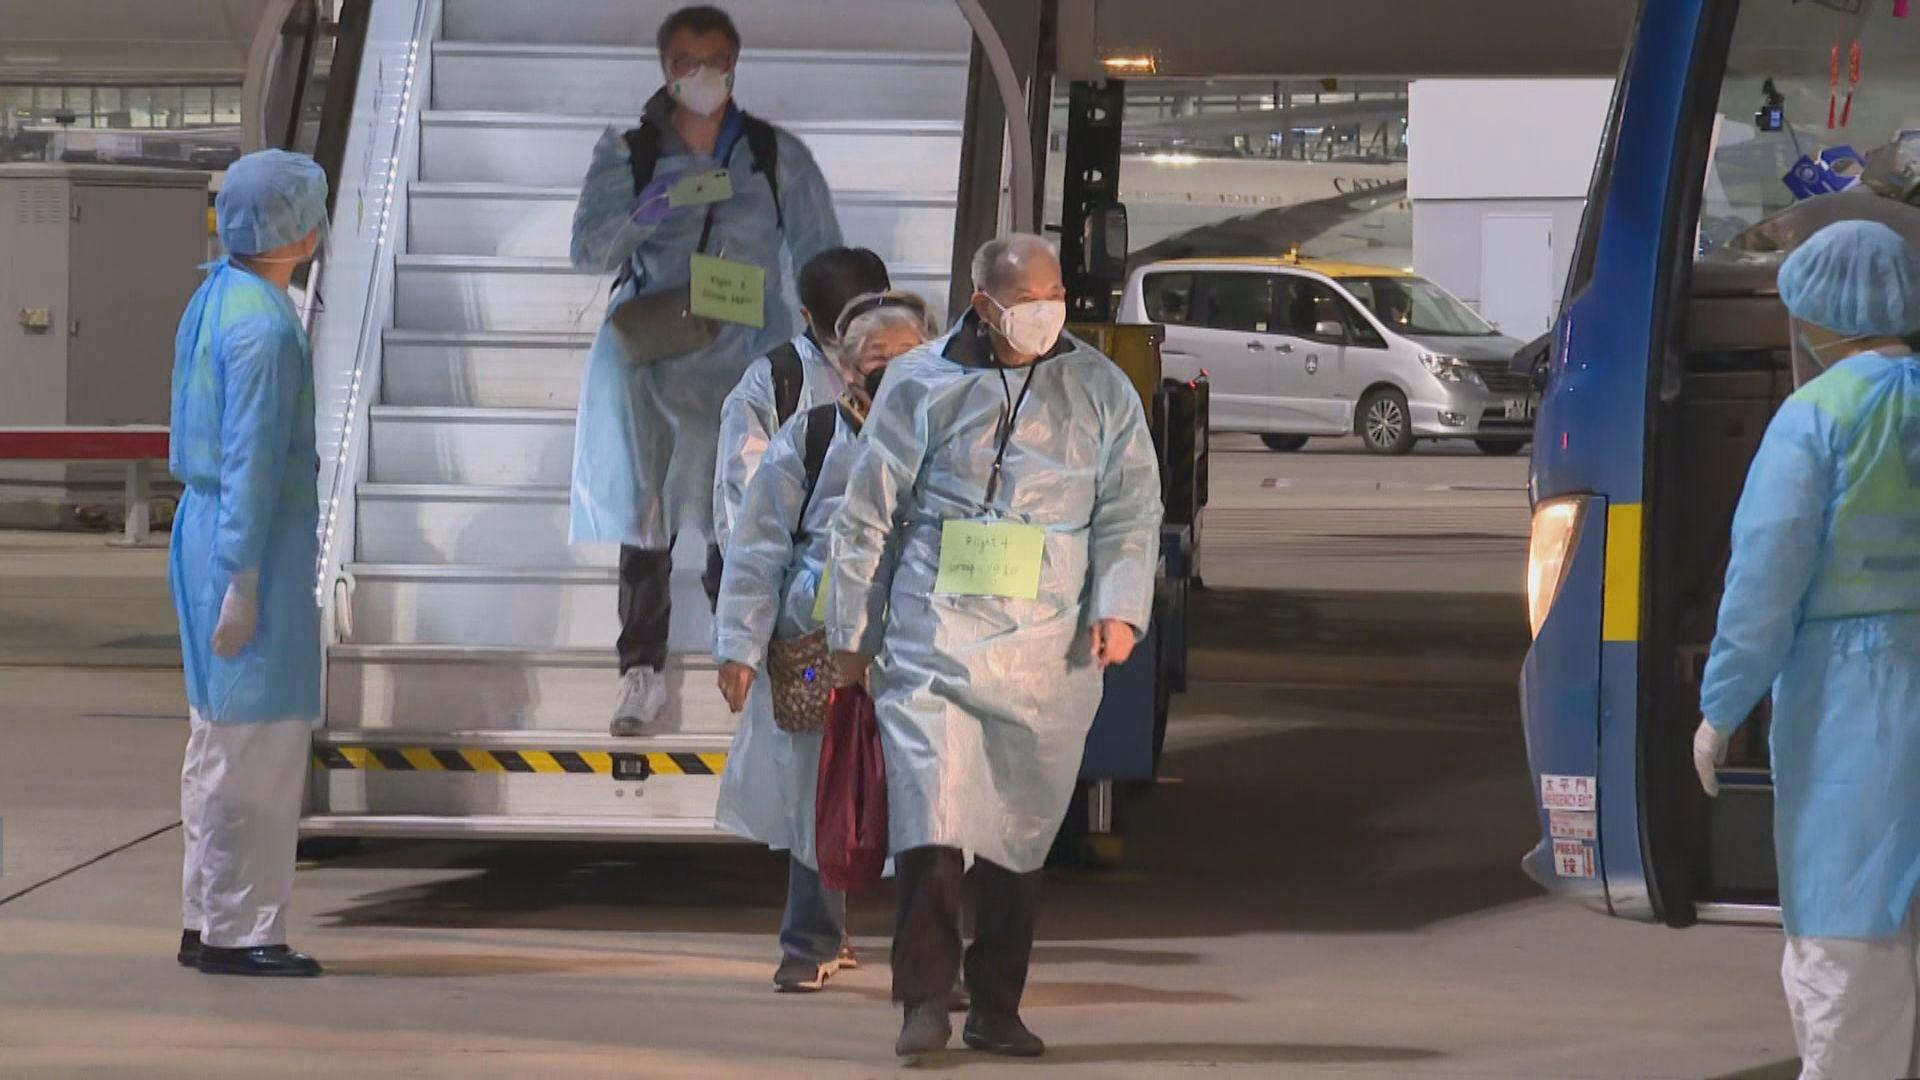 38歲女子乘政府包機湖北返港後確診